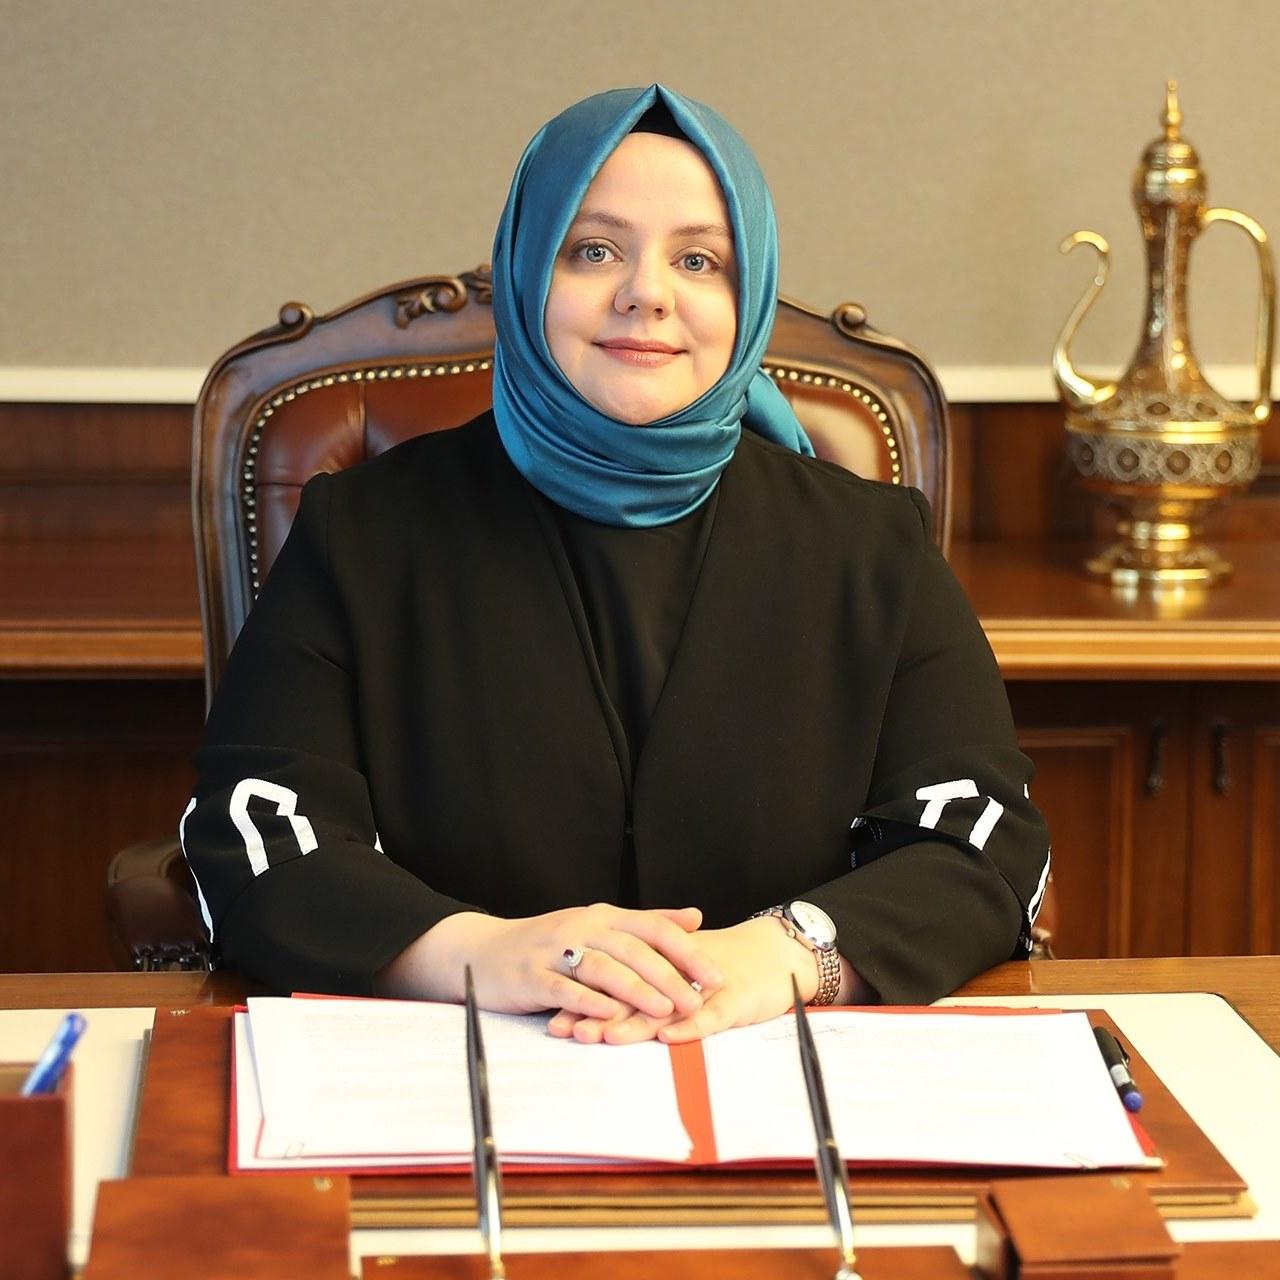 Aile bakanı Zehra Zümrüt Selçuk'un testi pozitif çıktı